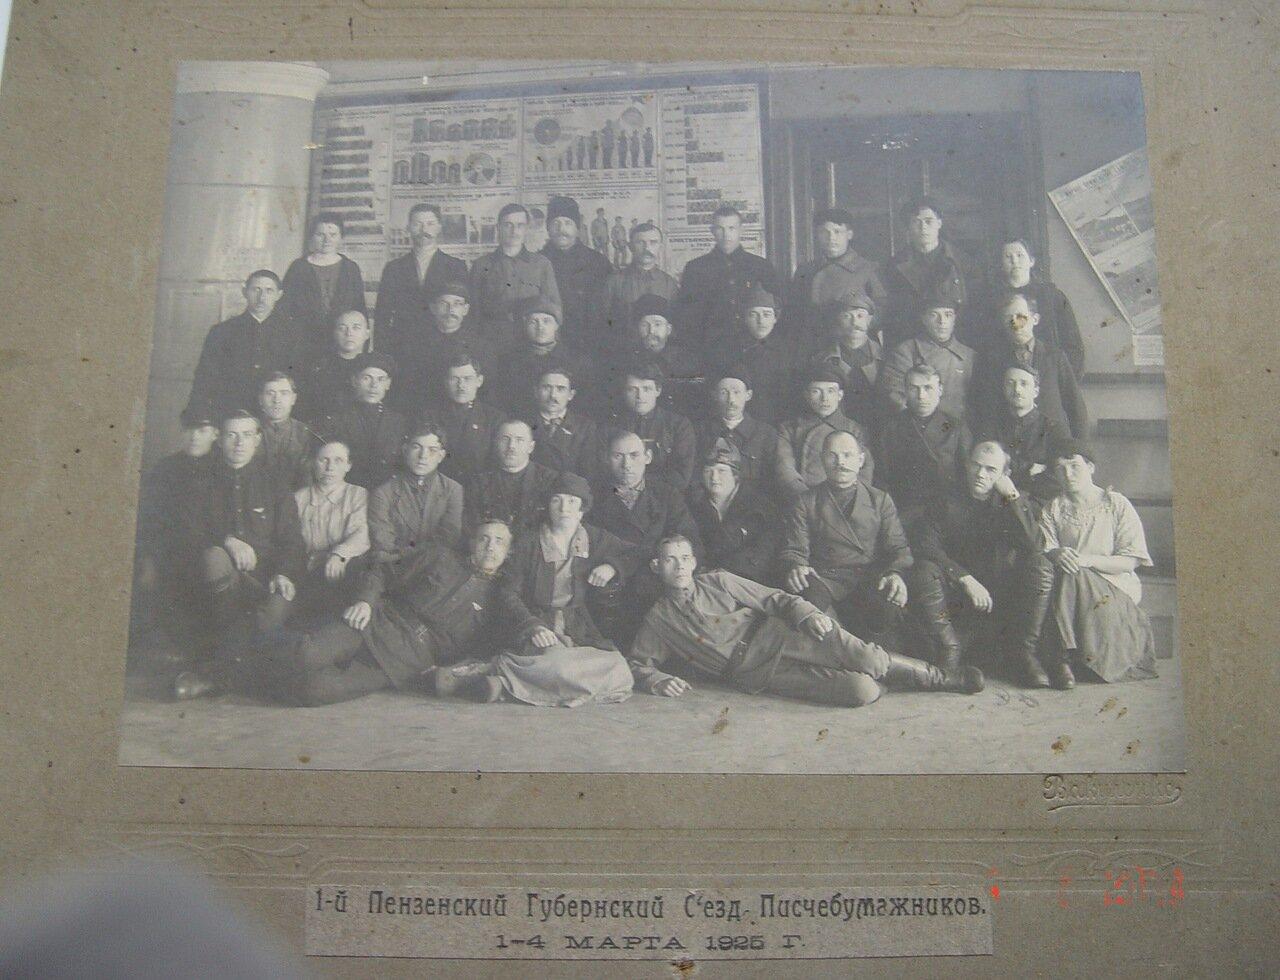 1925. 1-4 марта. 1-й Пензенский Губернский Съезд Писчебумажников